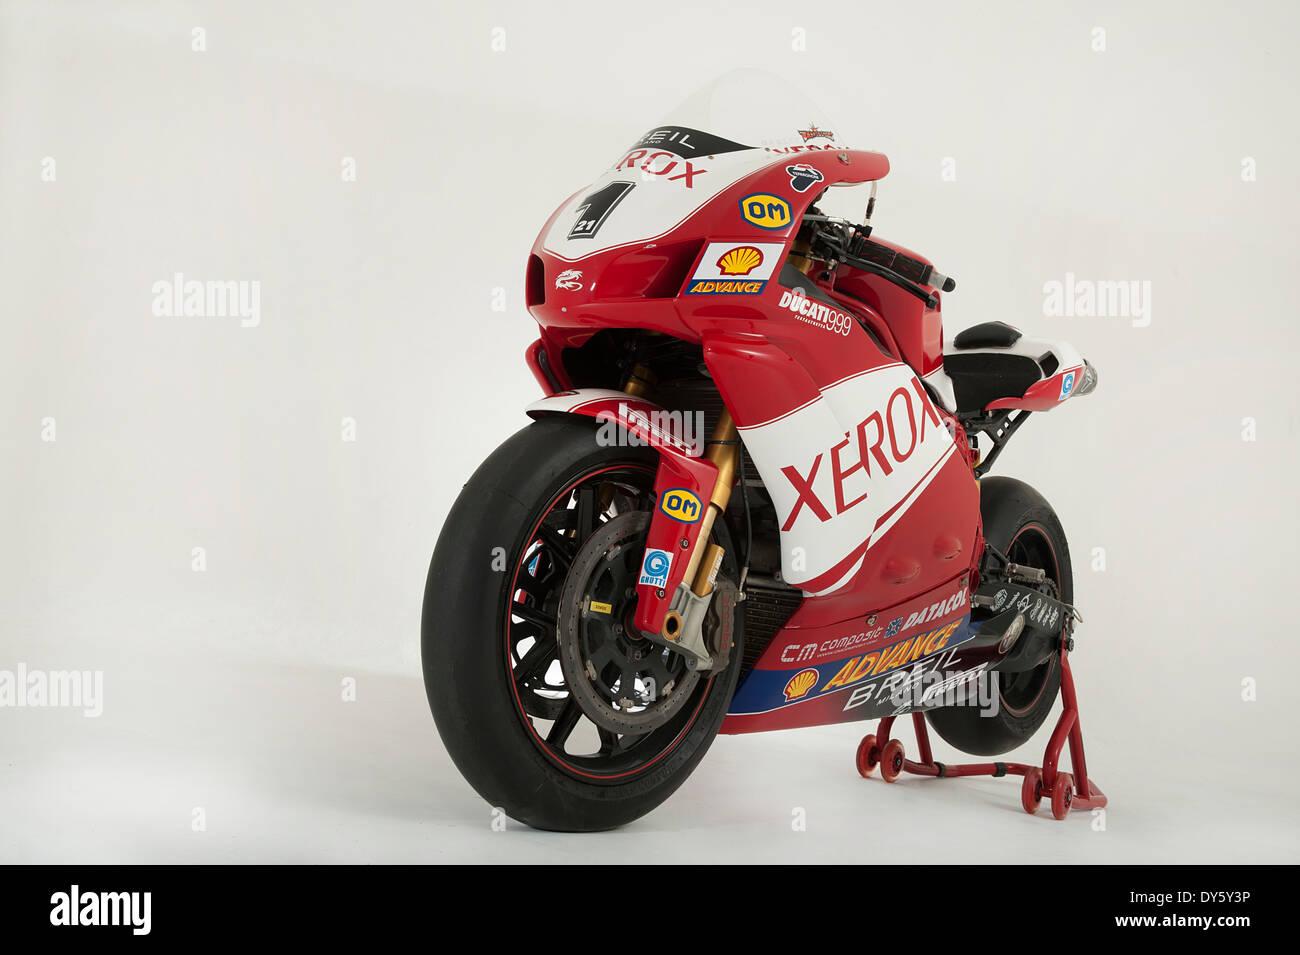 2006 Ducati 999 Xerox, Troy Bayliss Stock Photo: 68357850 - Alamy